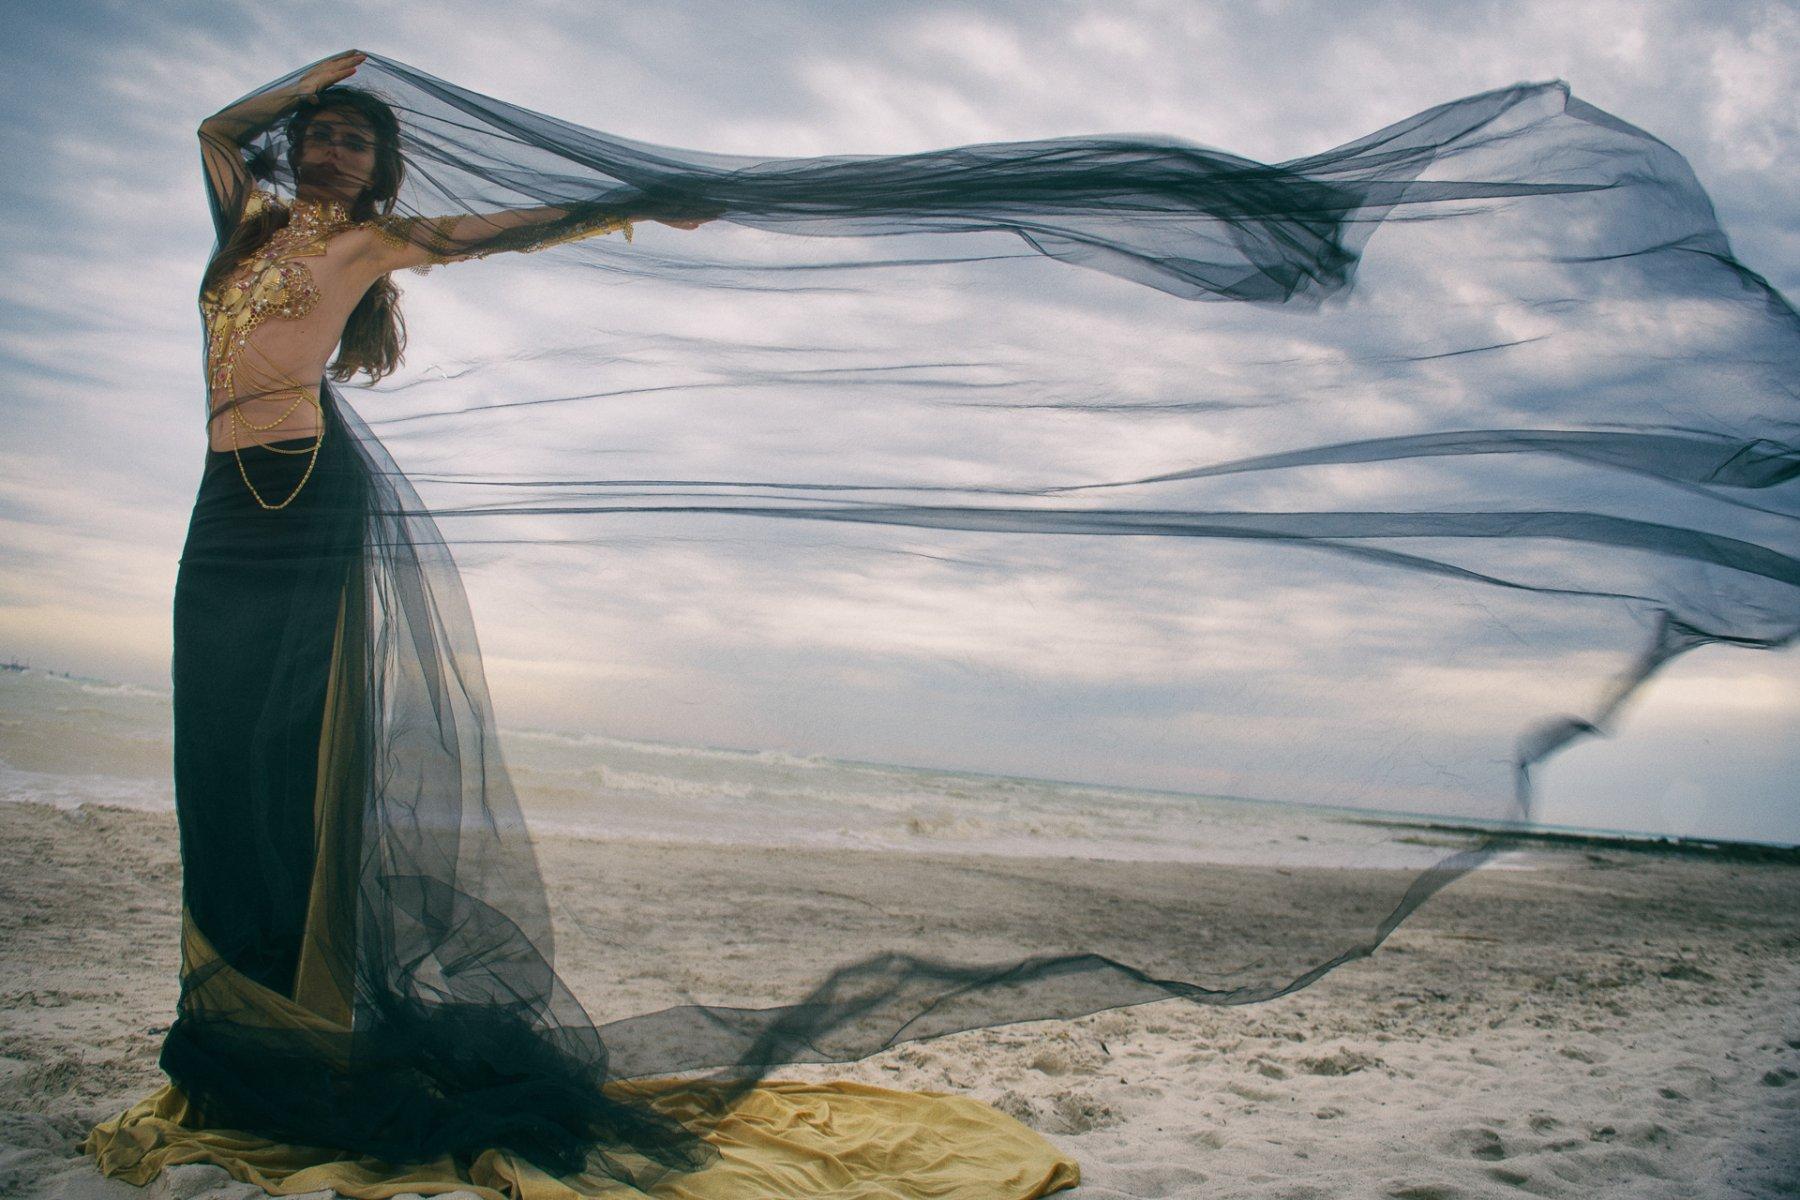 Sea-Queens-Idriss-Guelai-118b Fashion/Adv